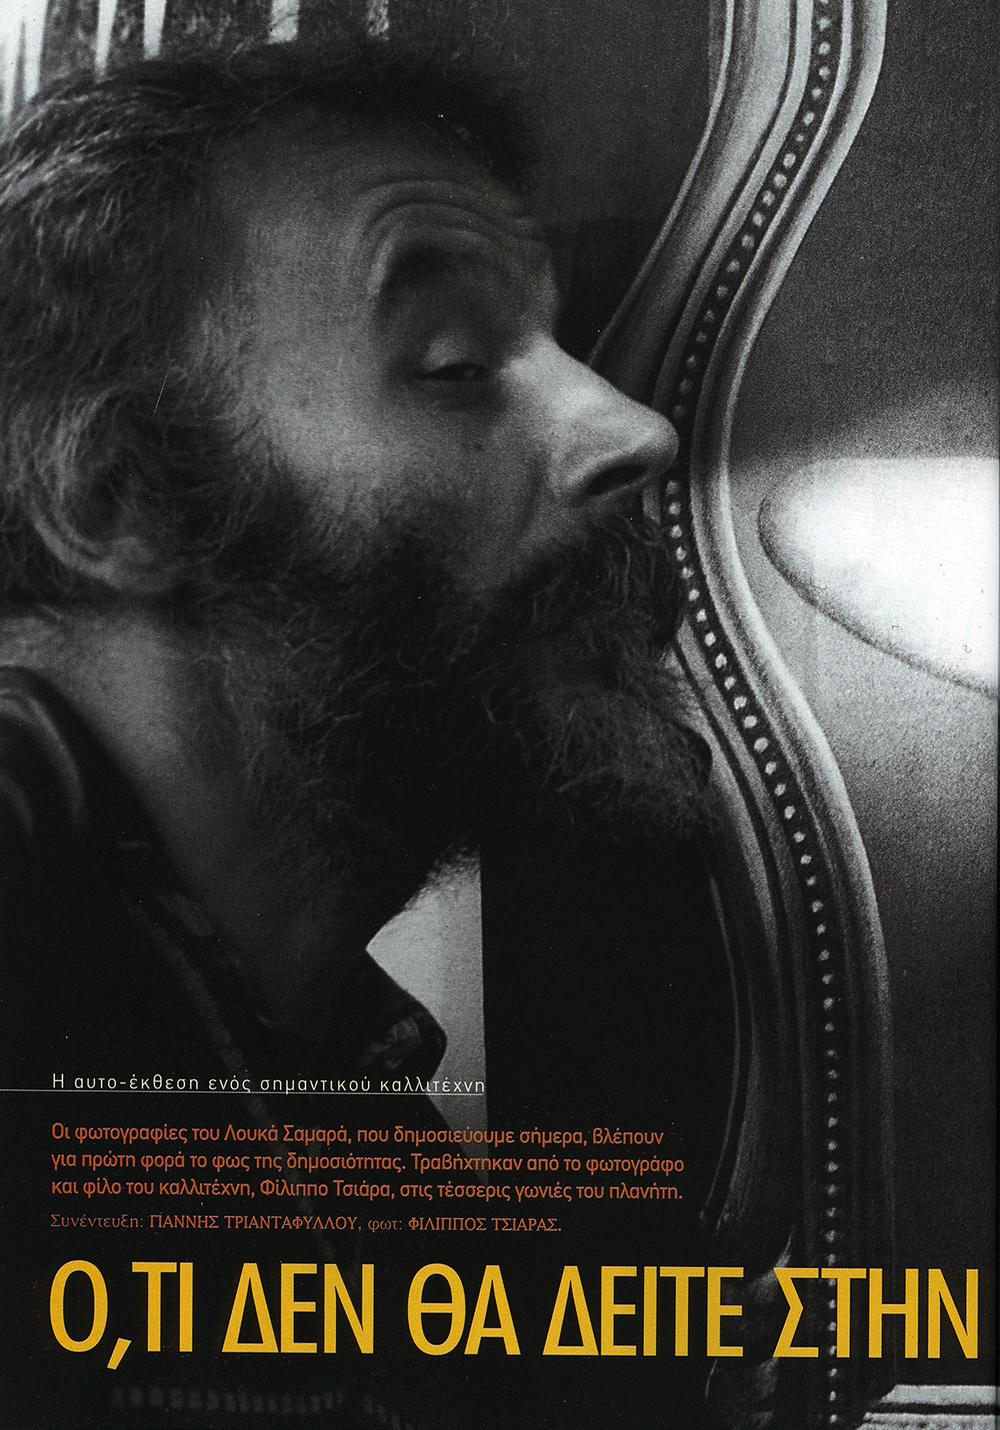 E-april-2005-pg1.jpg